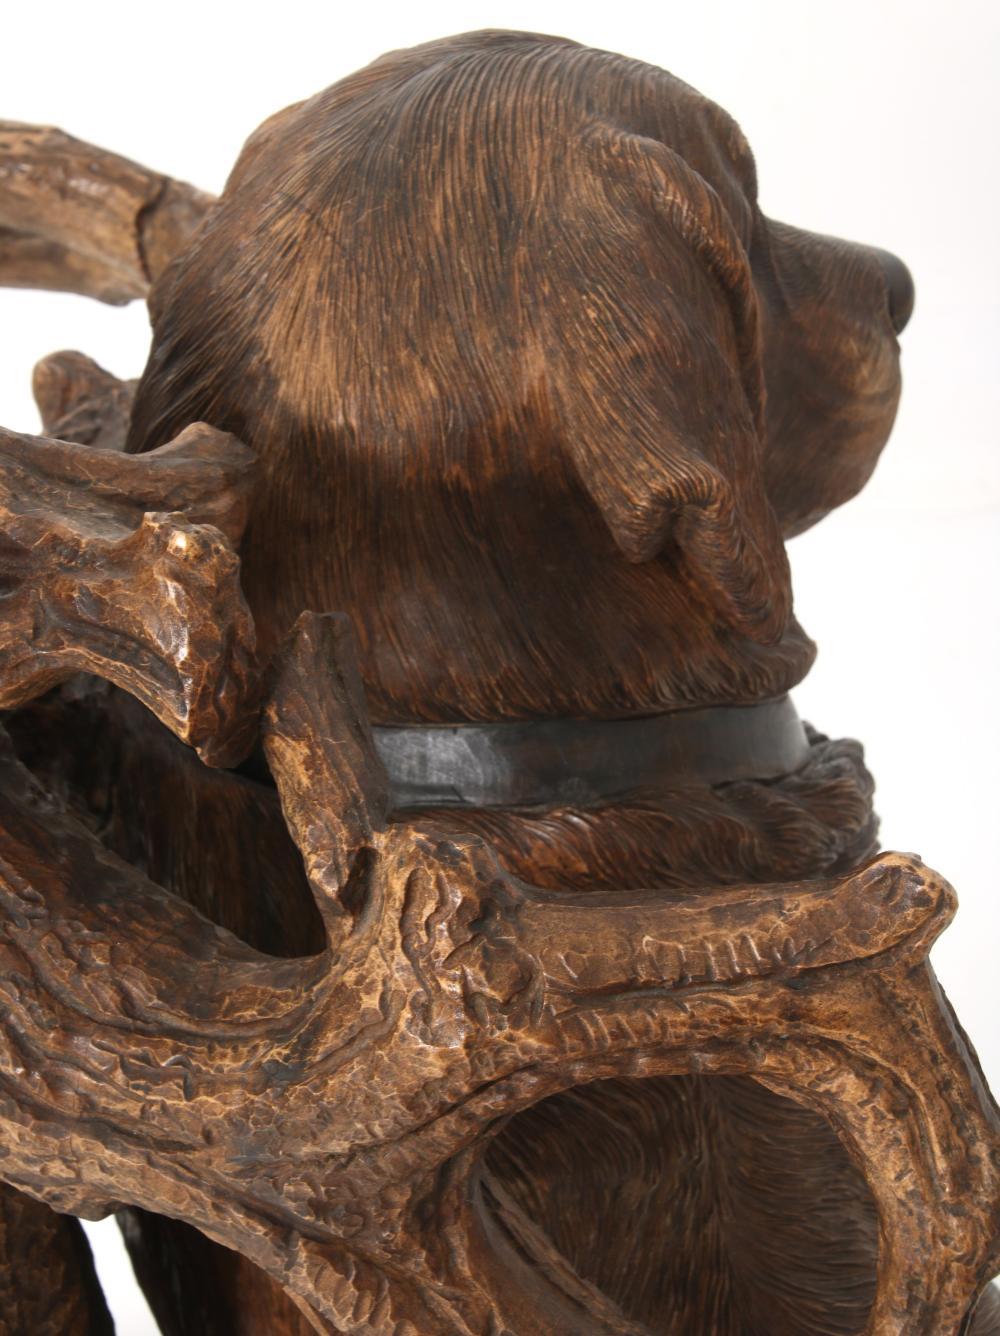 Black Forest Carved Dog Umbrella Stand